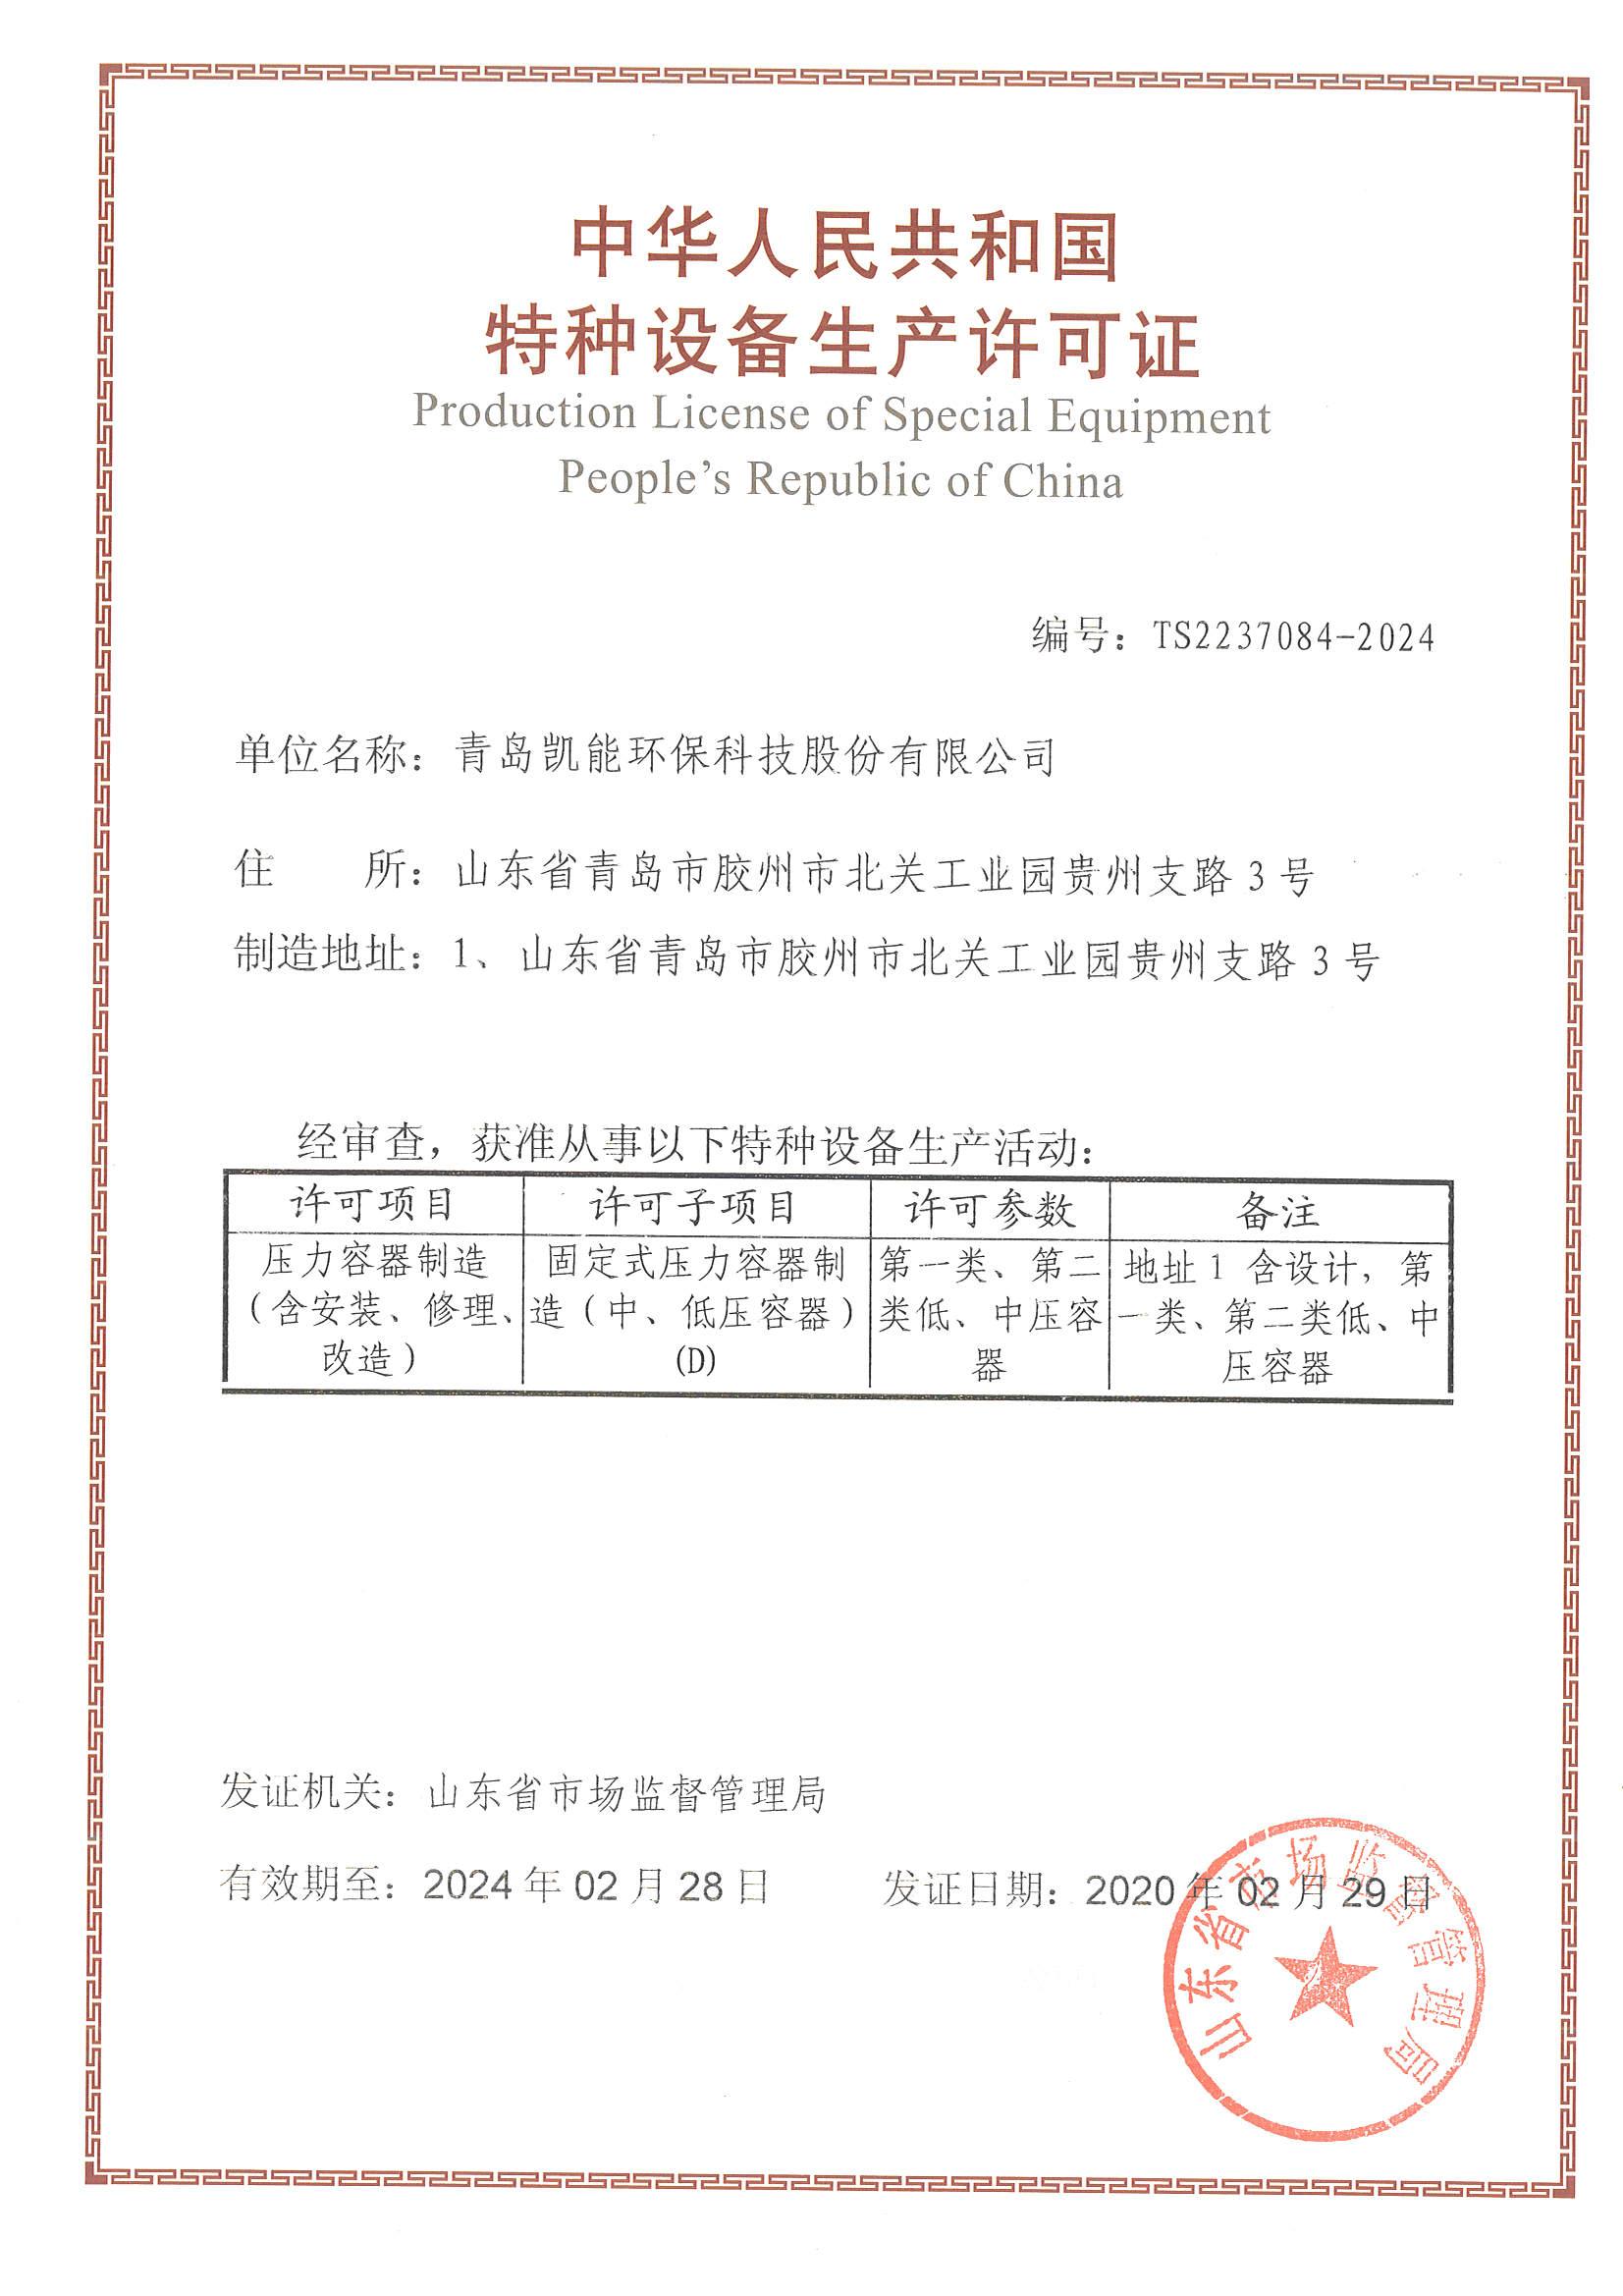 凯能科技压力容器特种设备生产许可证